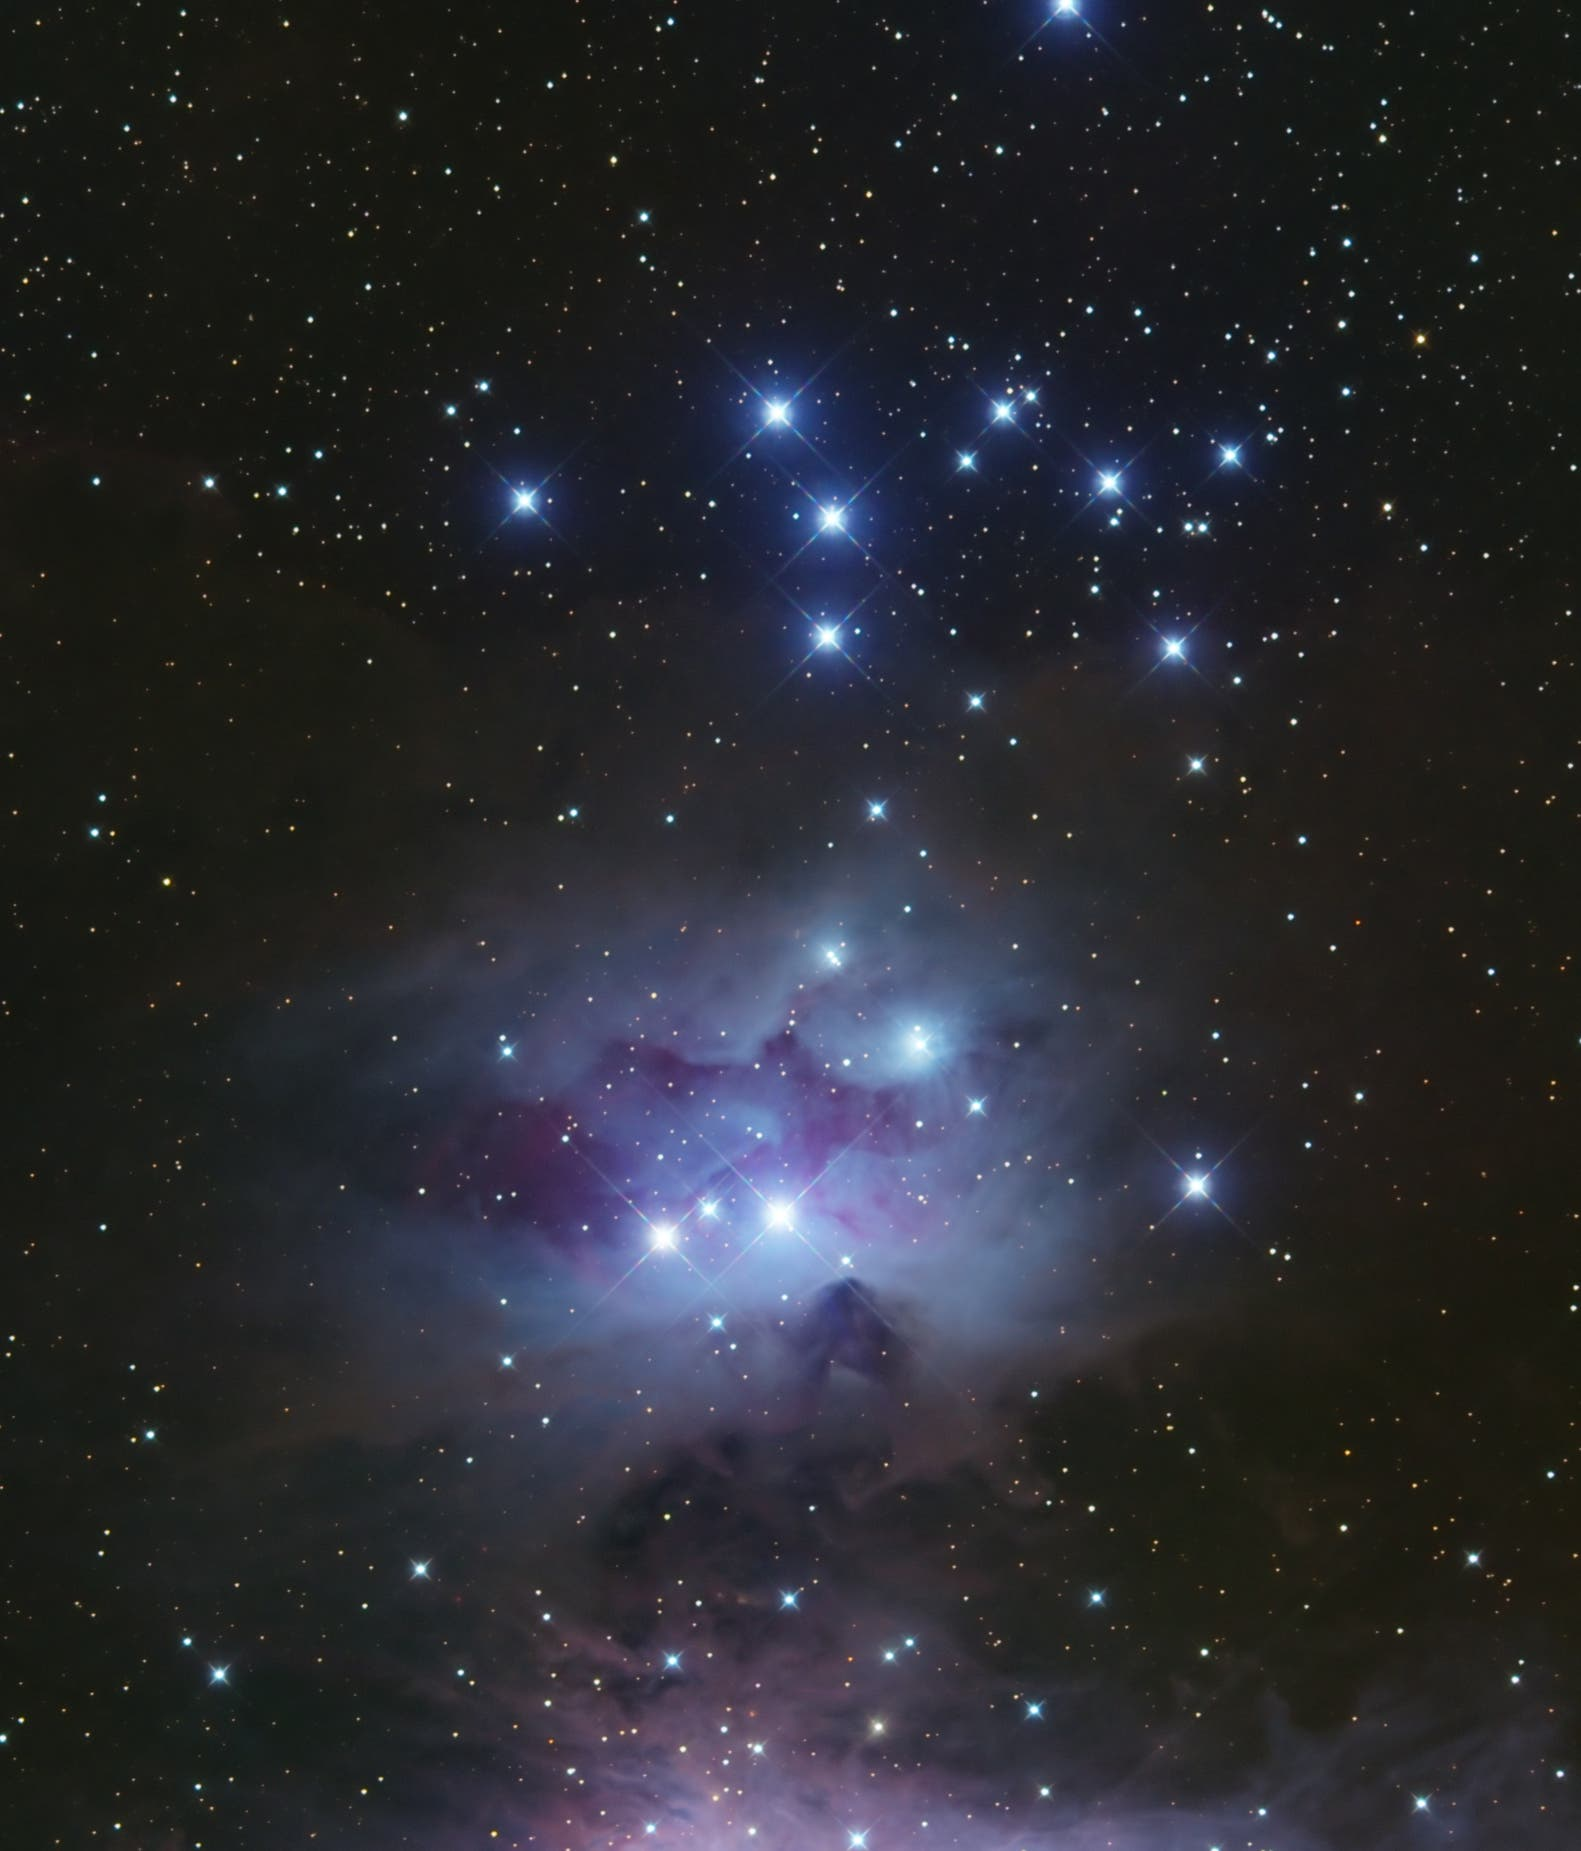 SH2-279 (alias Running Man) im Schwert des Orion